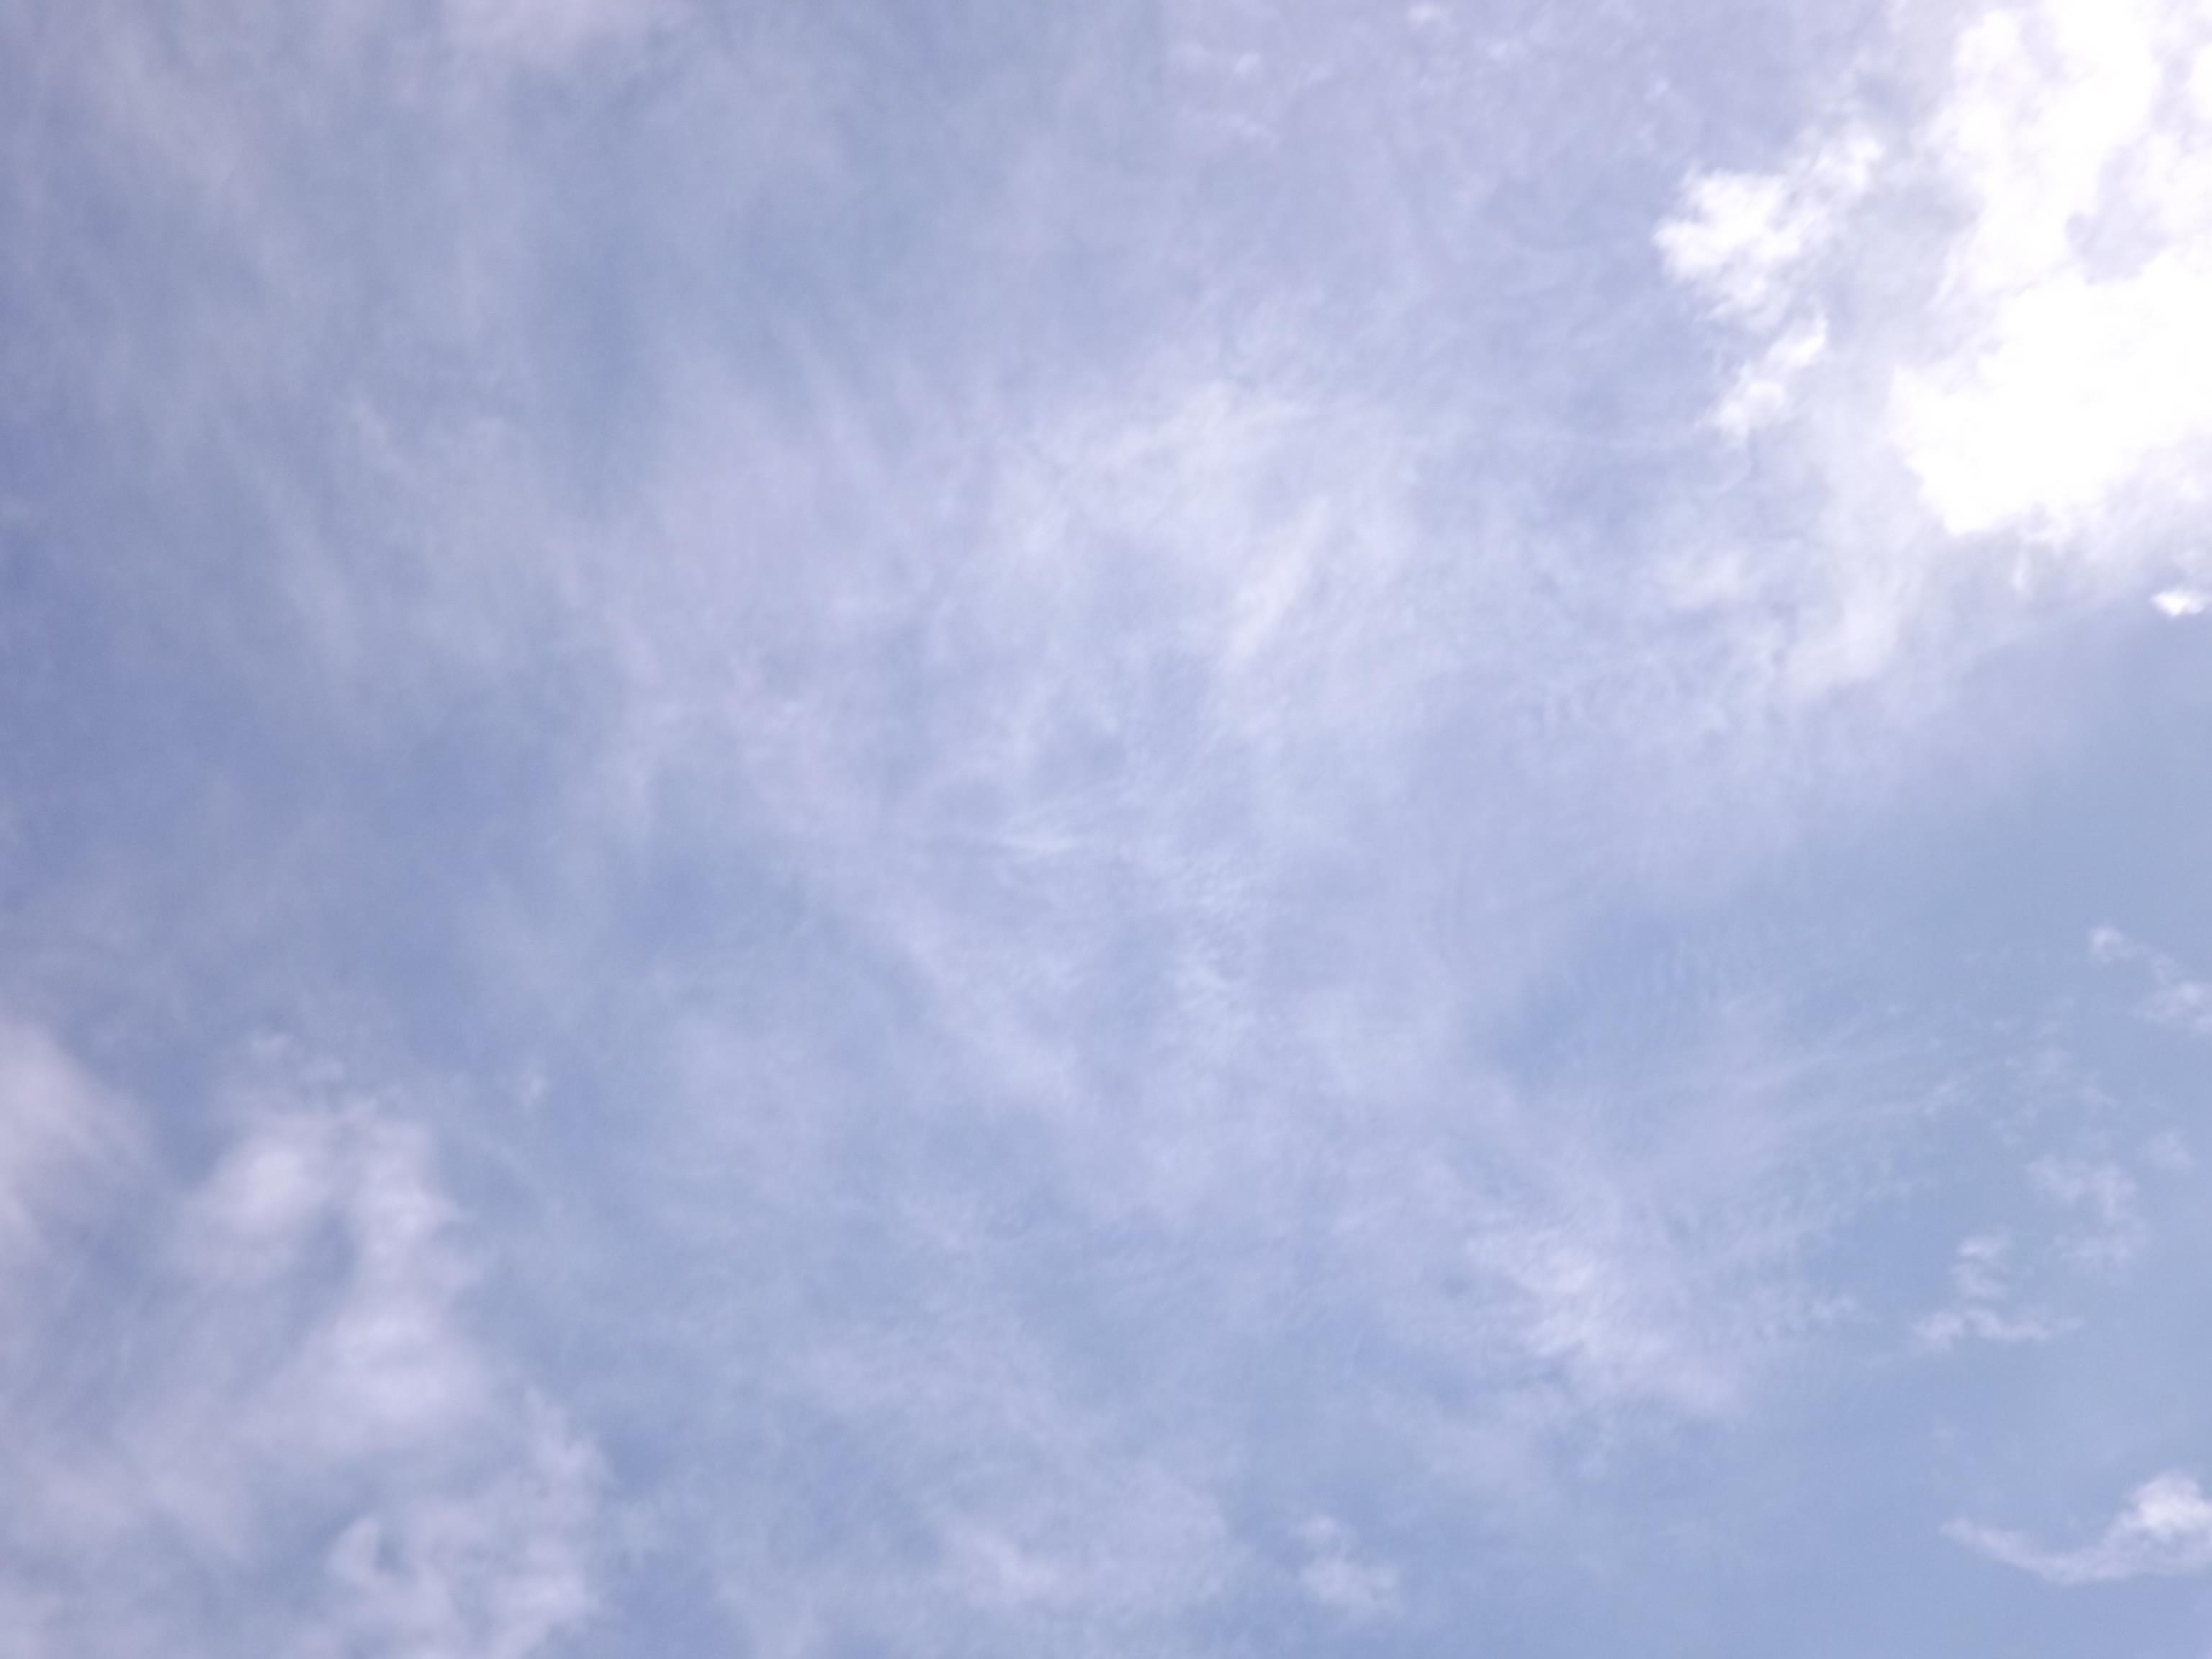 hochnebel-wolken